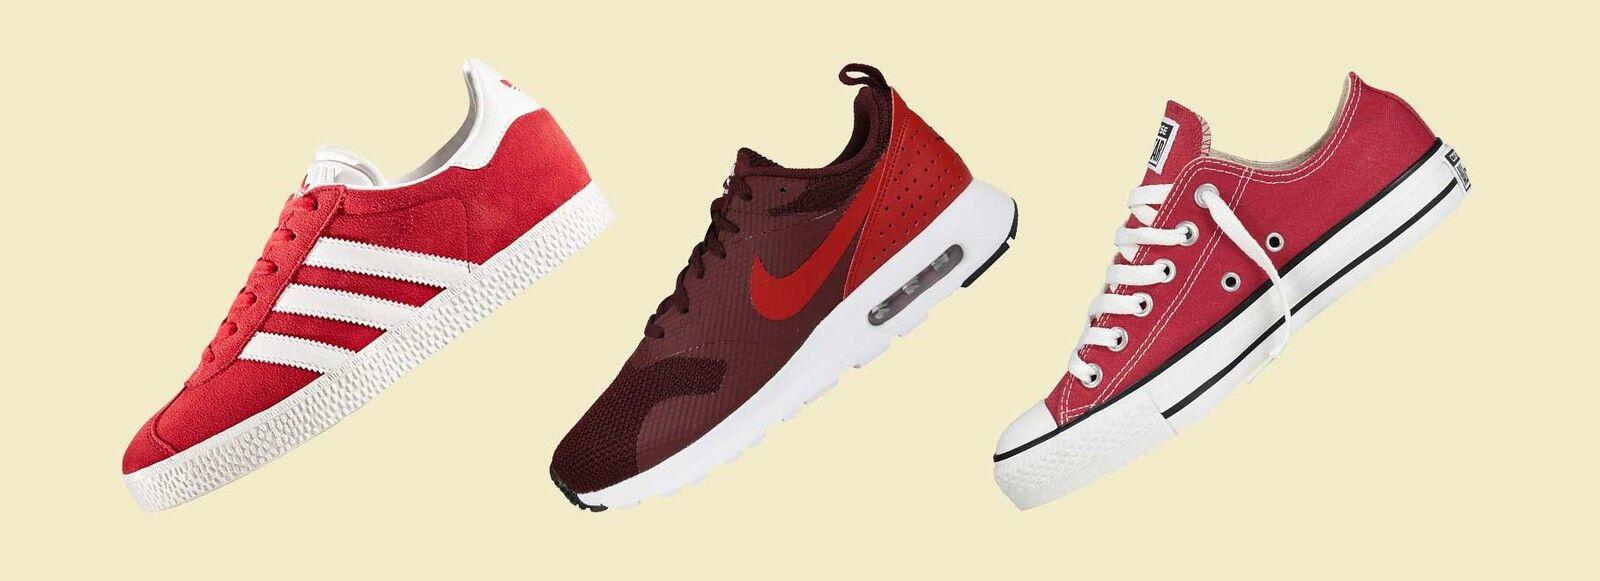 Hol dir angesagte Modelle von Converse, adidas, Nike ...